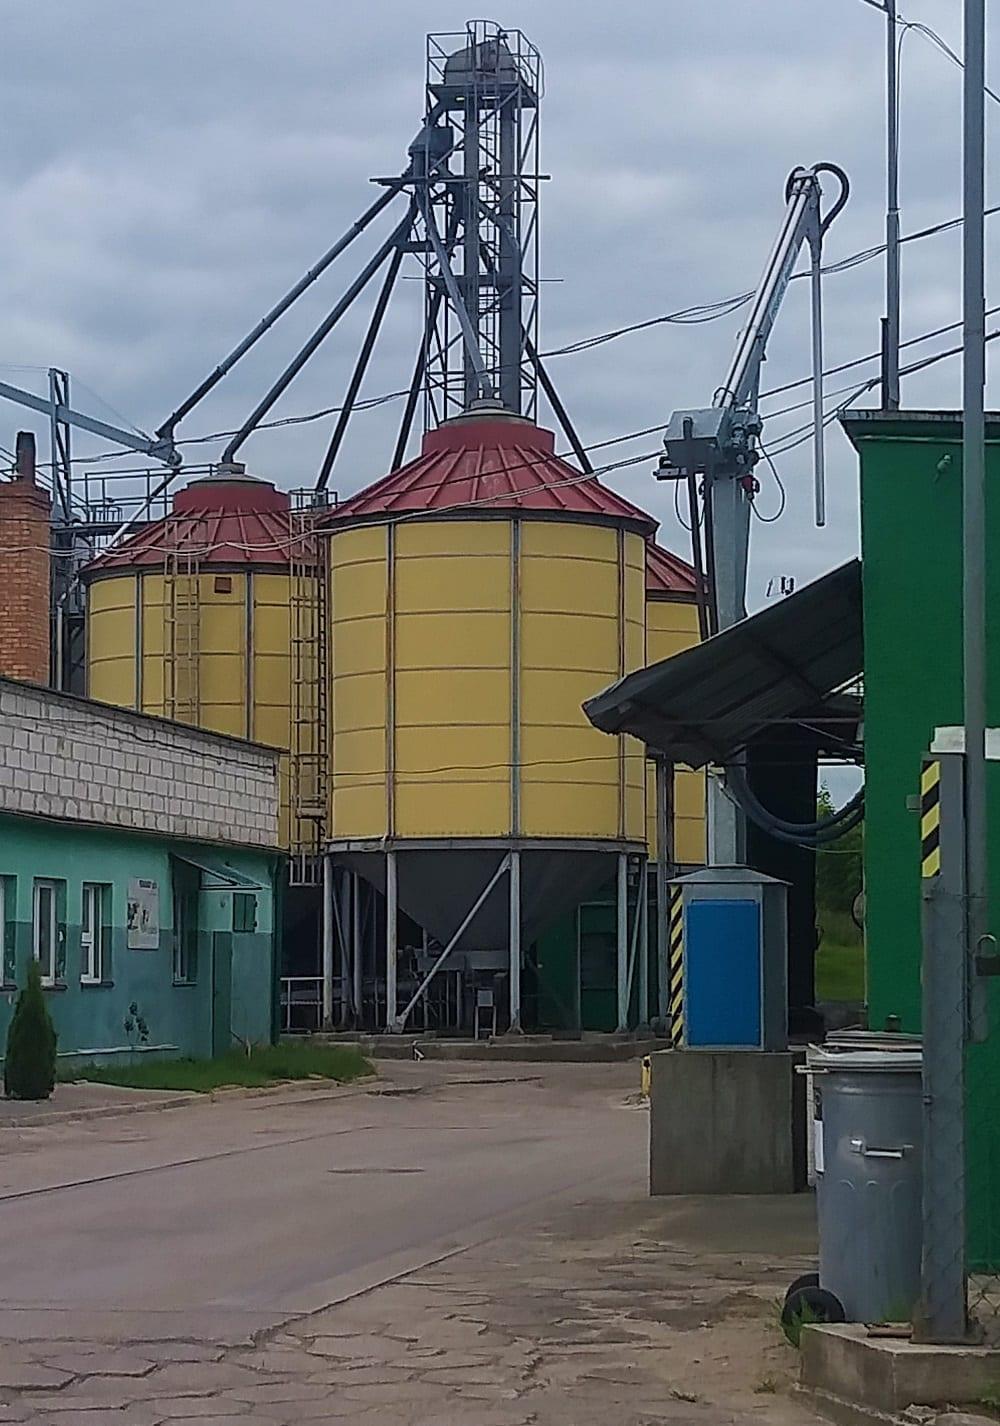 Fot. 1- Spora instalacja silosów lejowych, wykorzystywana przez przedsiębiorstwo.